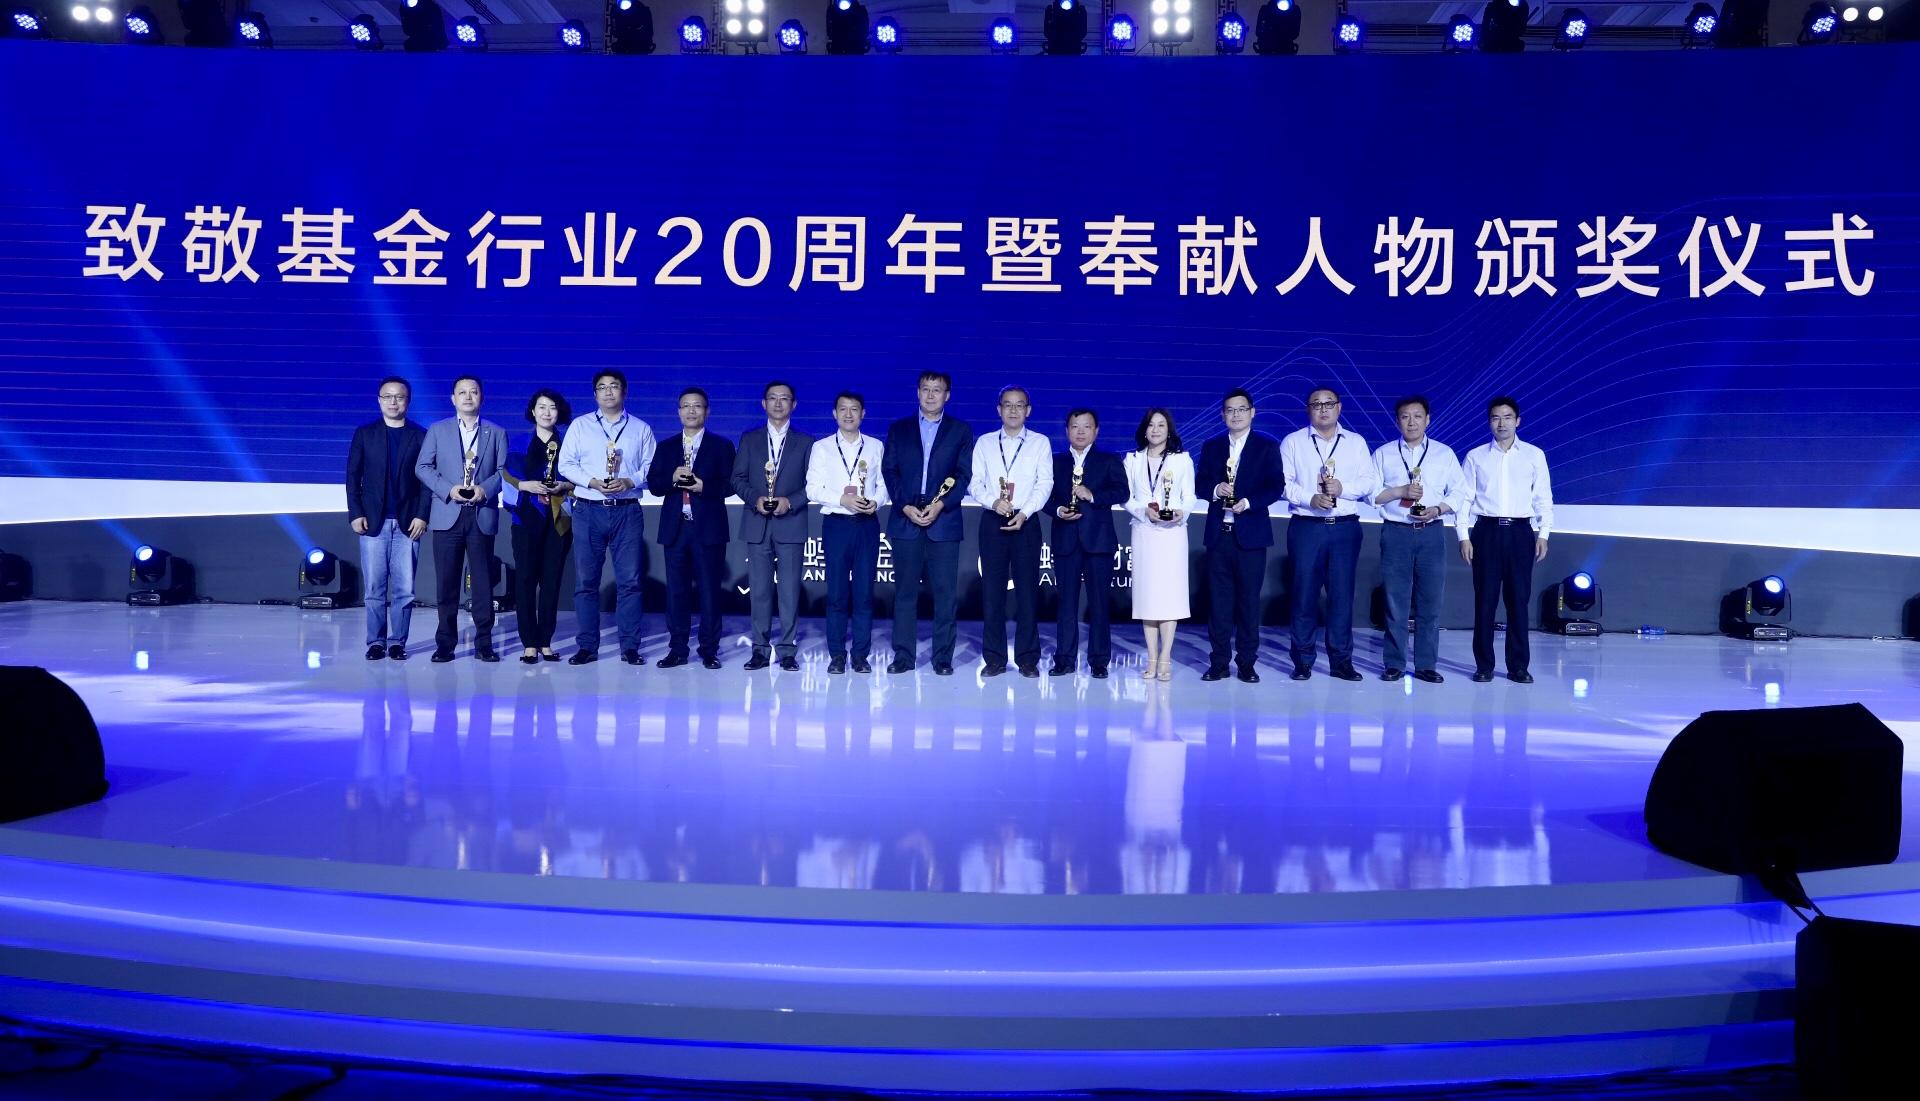 颁奖仪式_致敬基金行业20周年暨奉献人物颁奖仪式现场